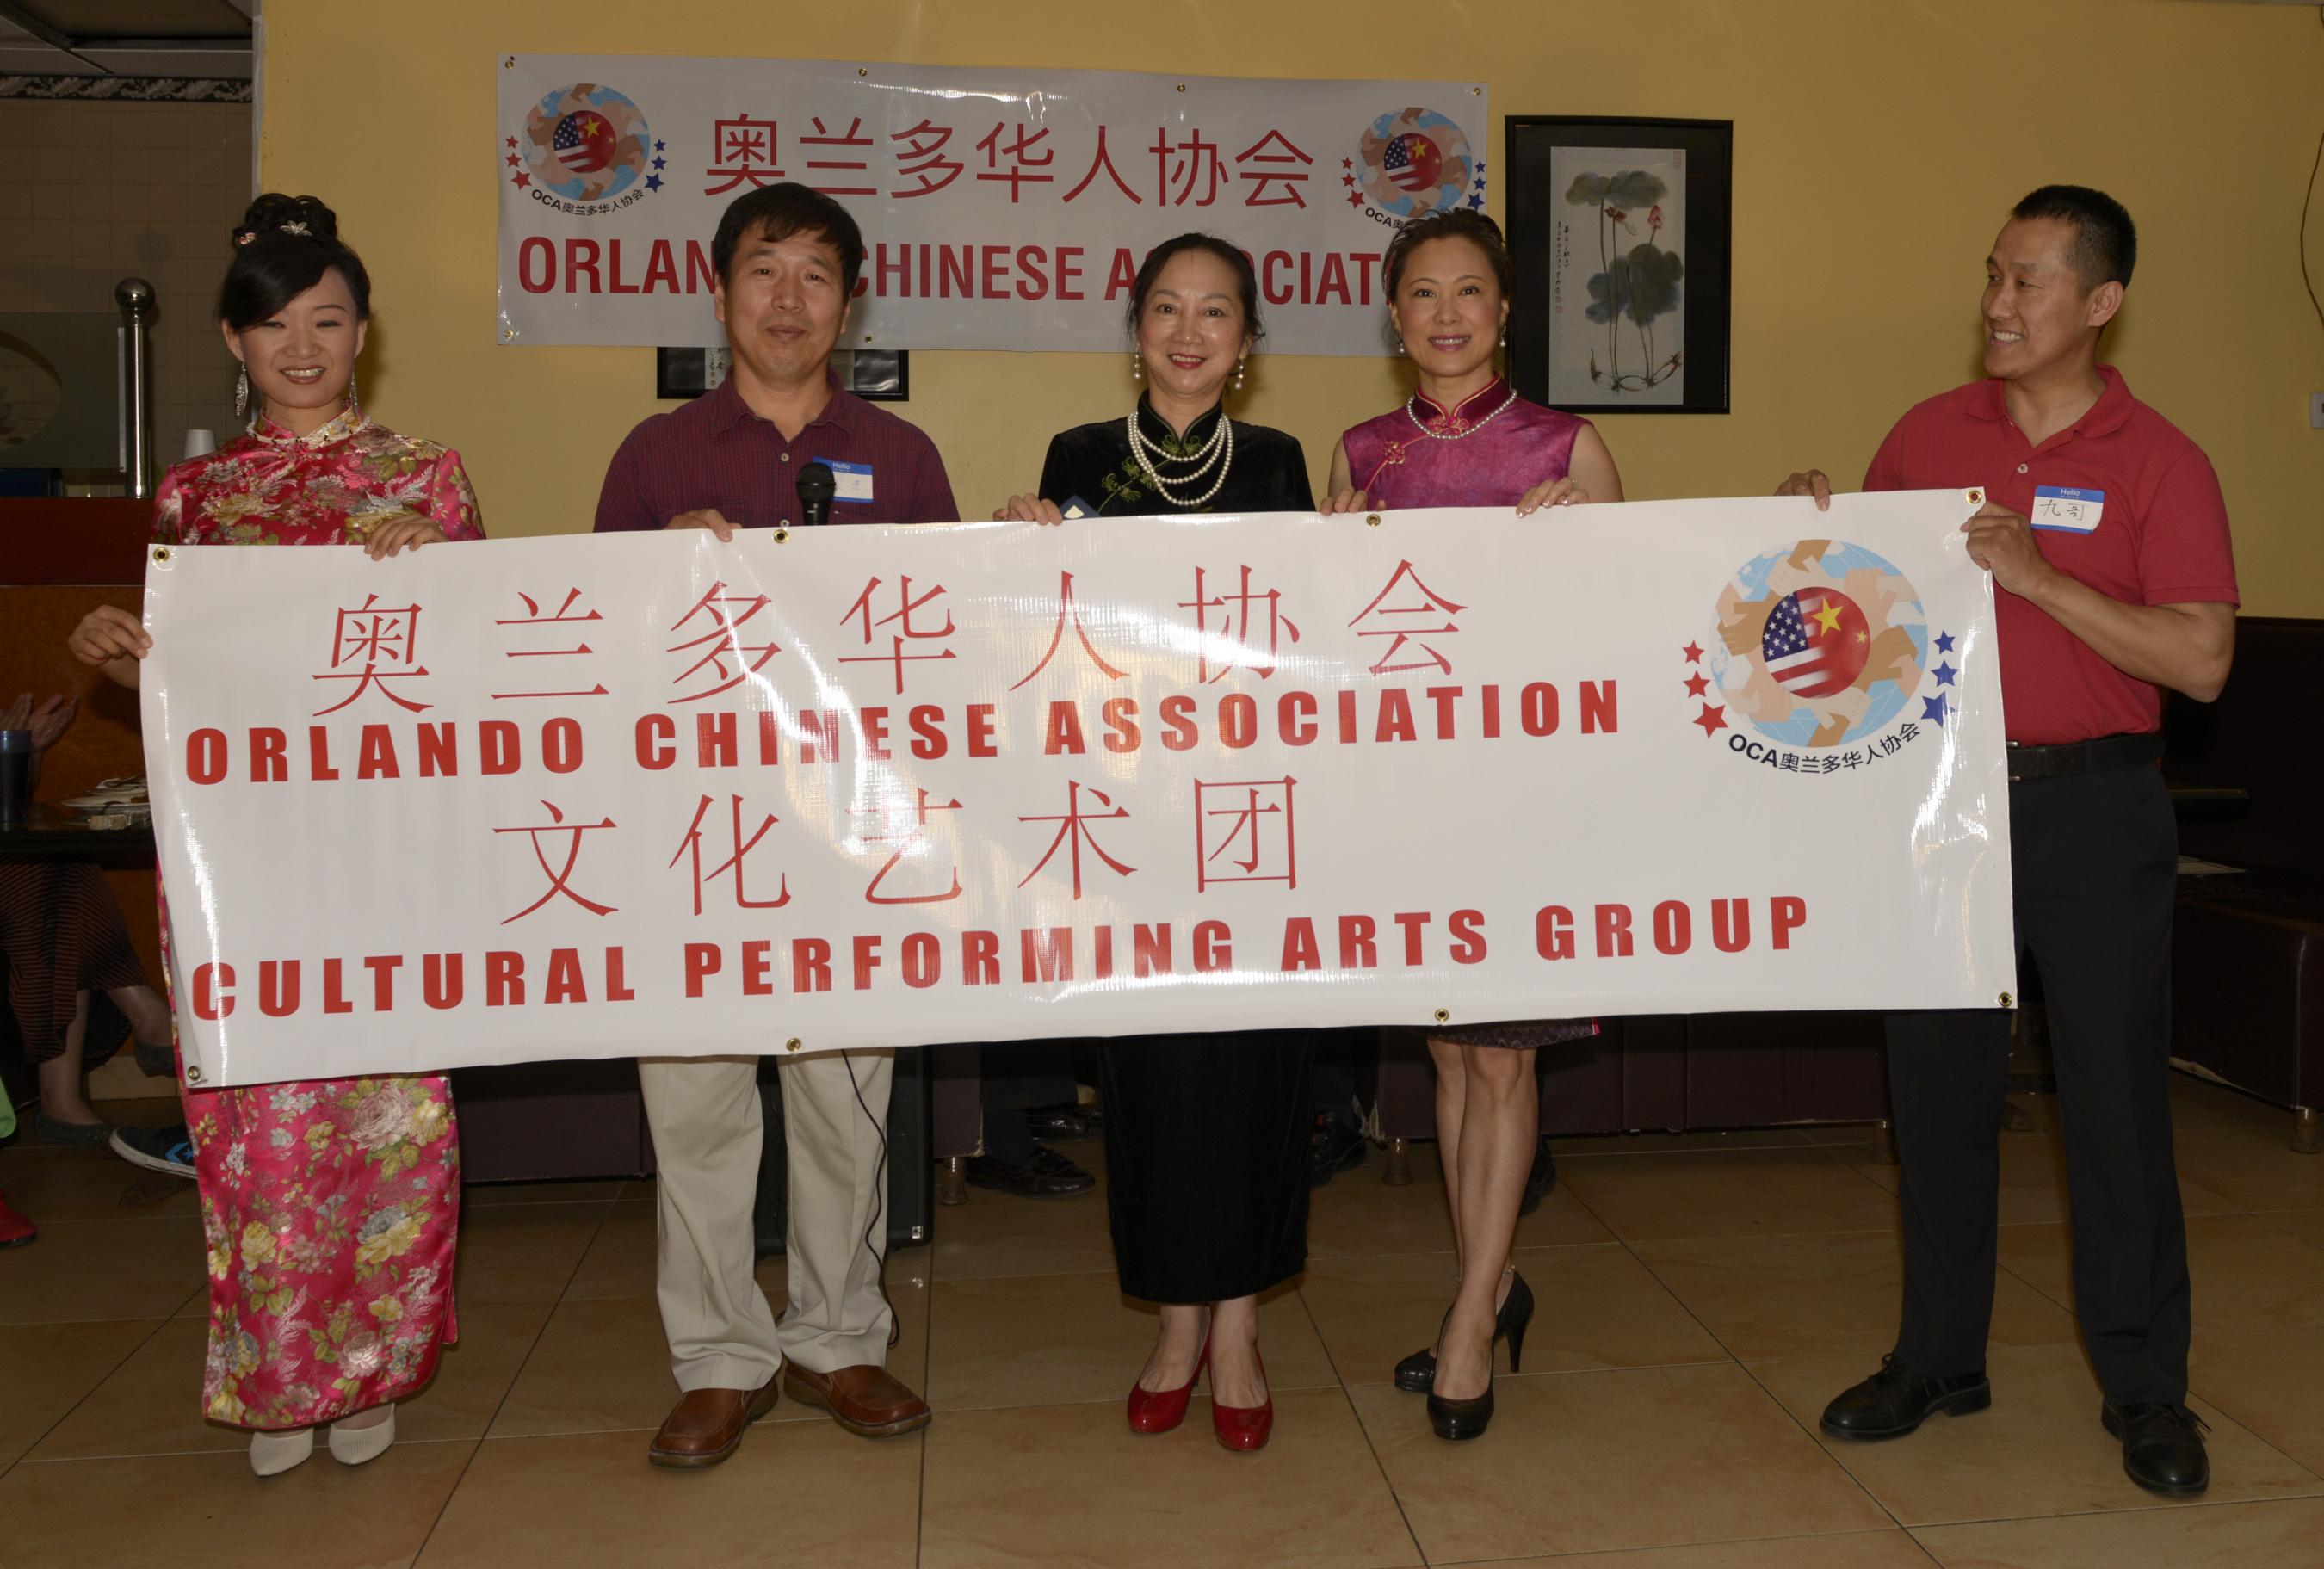 奥兰多华人协会 文化艺术团